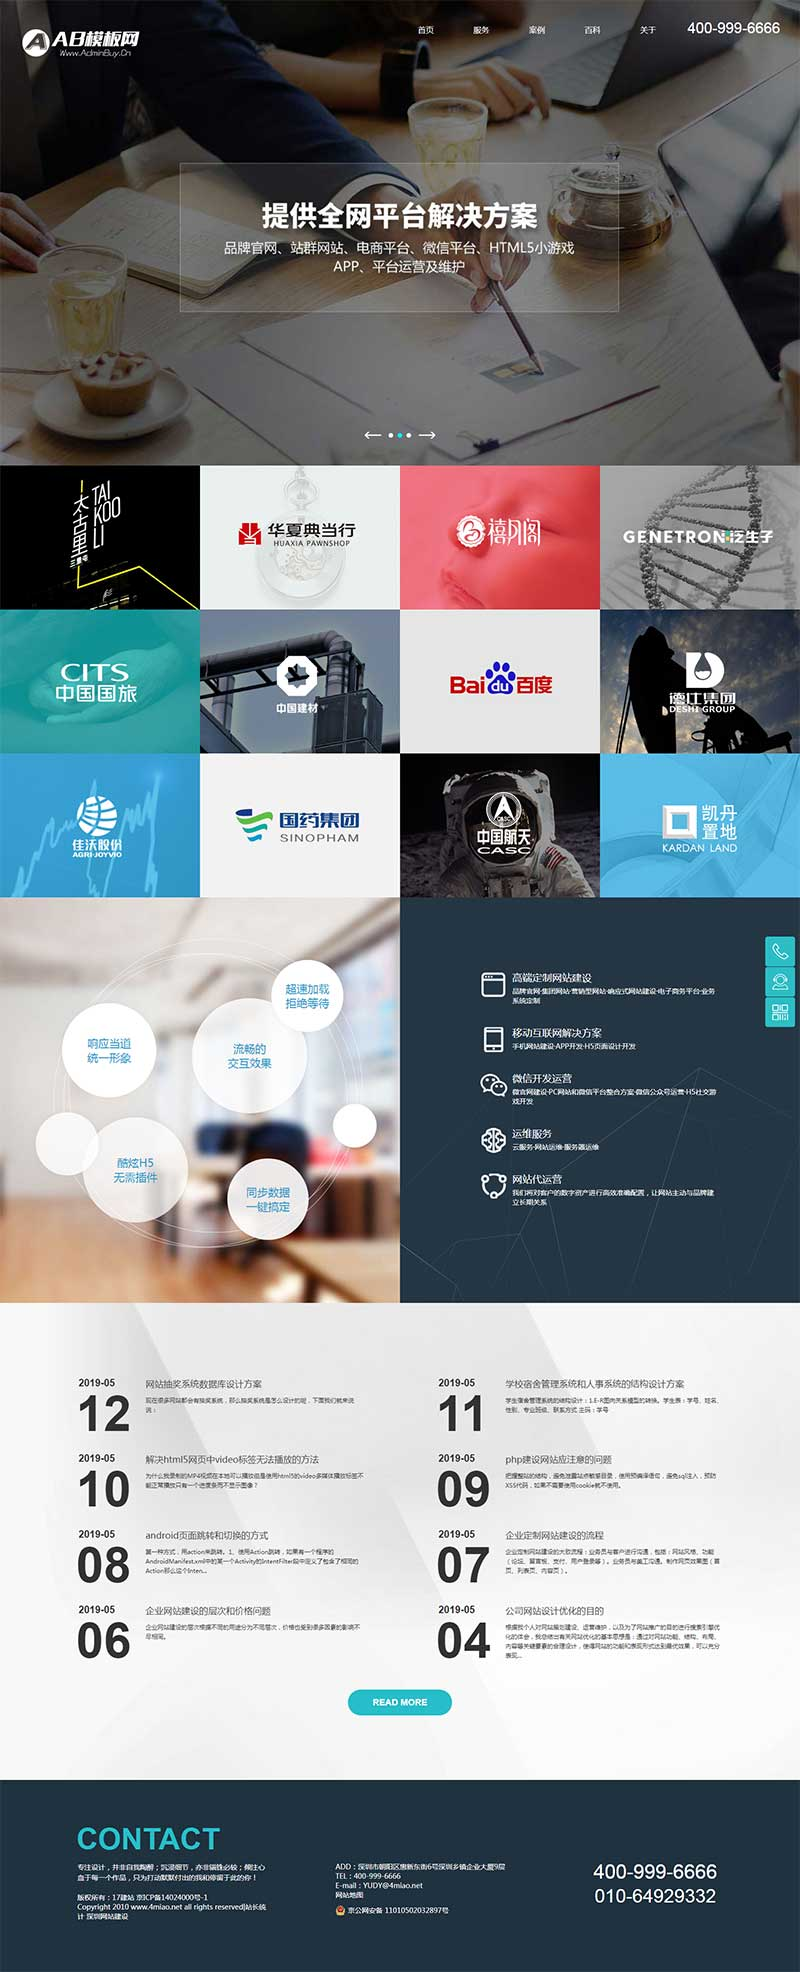 HTML5响应式全屏网络品牌网站建设设计类静态html模板